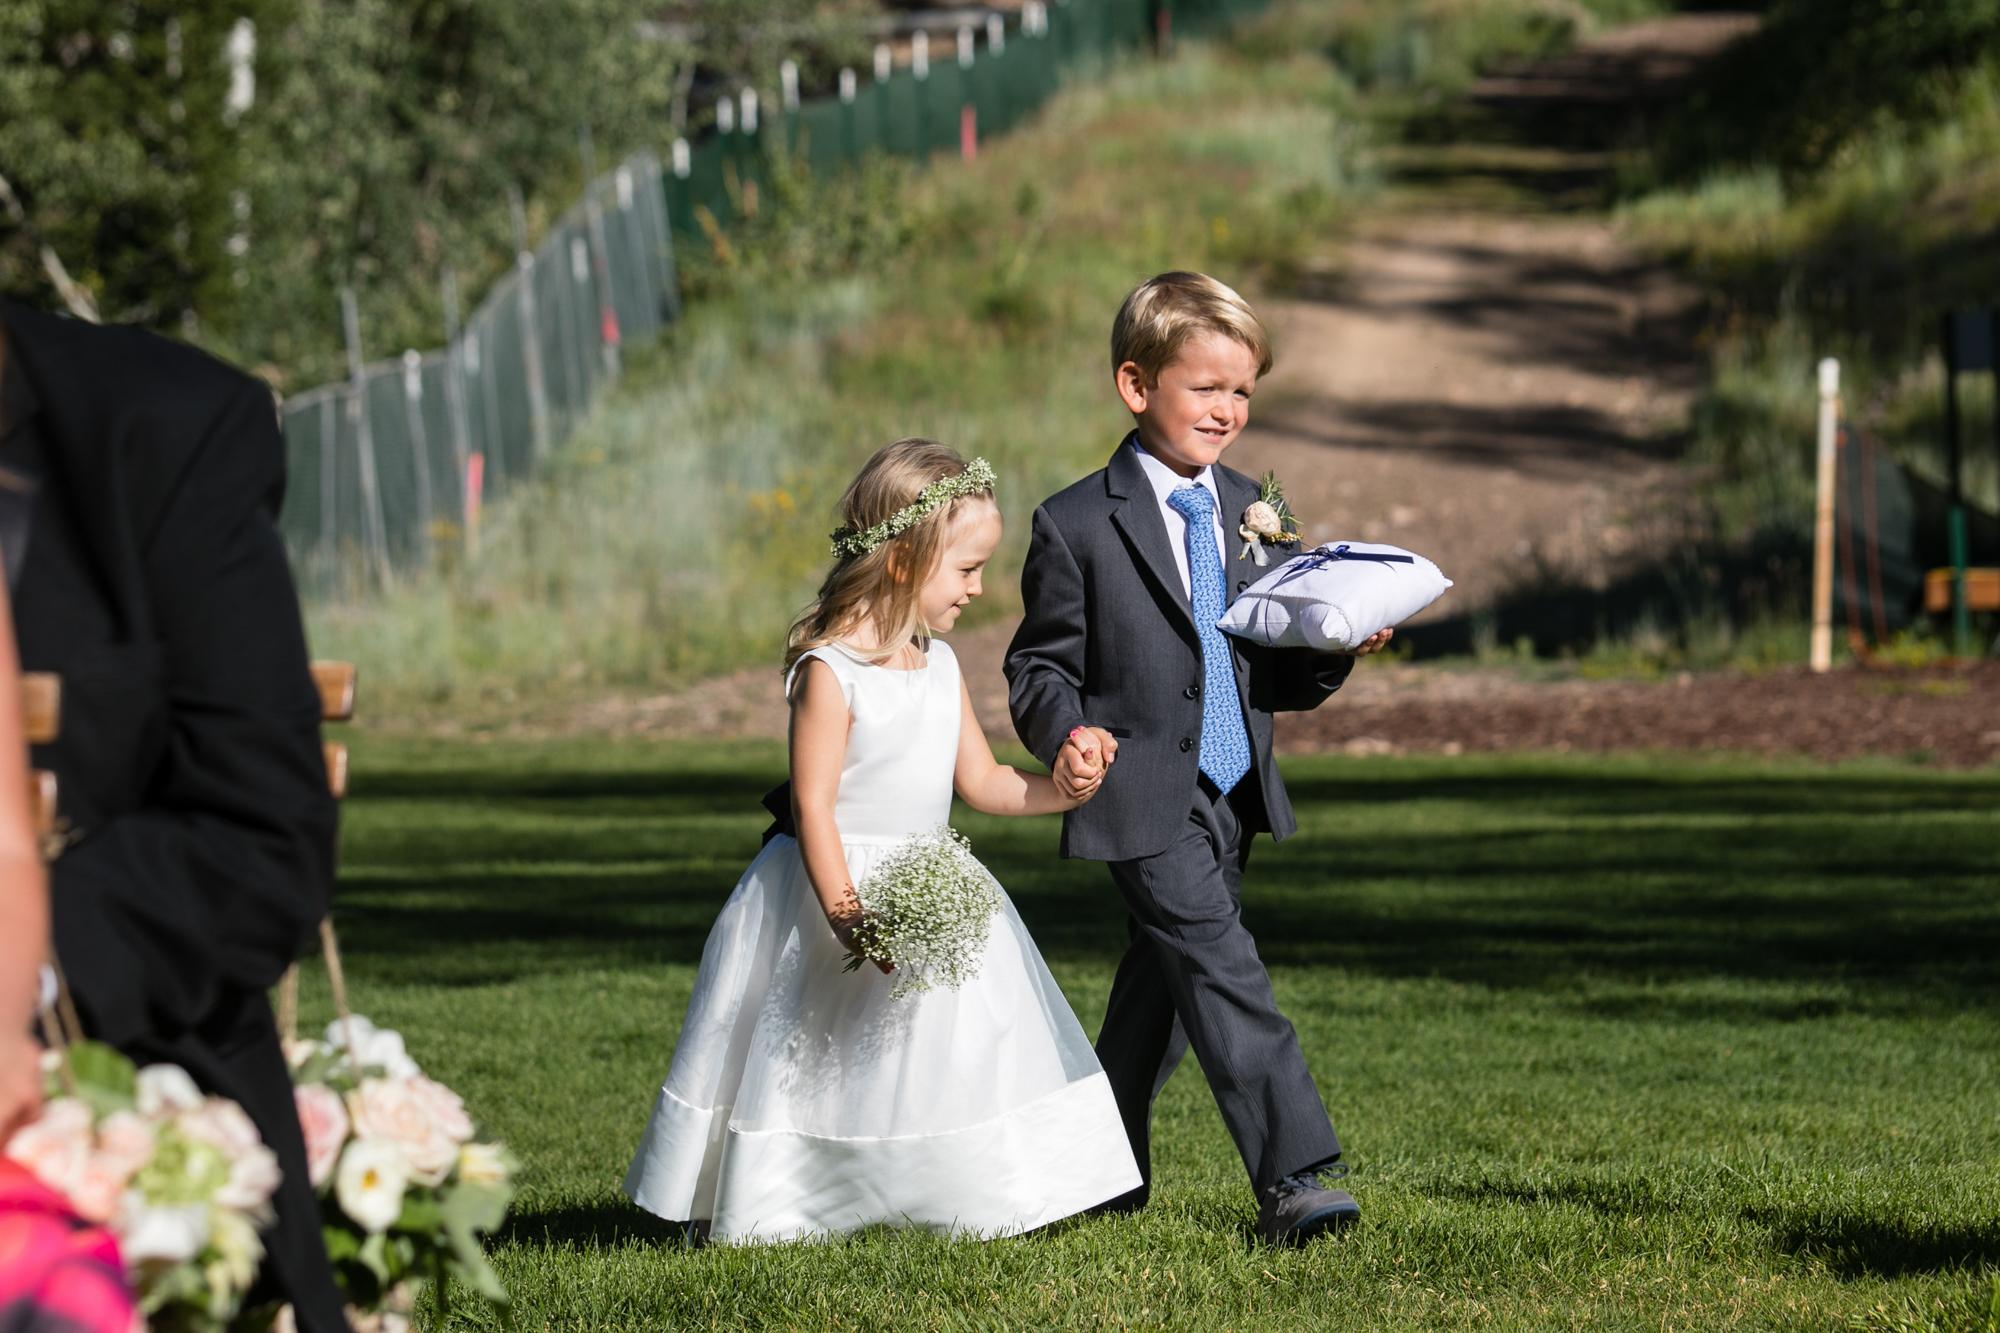 deer-valley-wedding-photographer-14.jpg